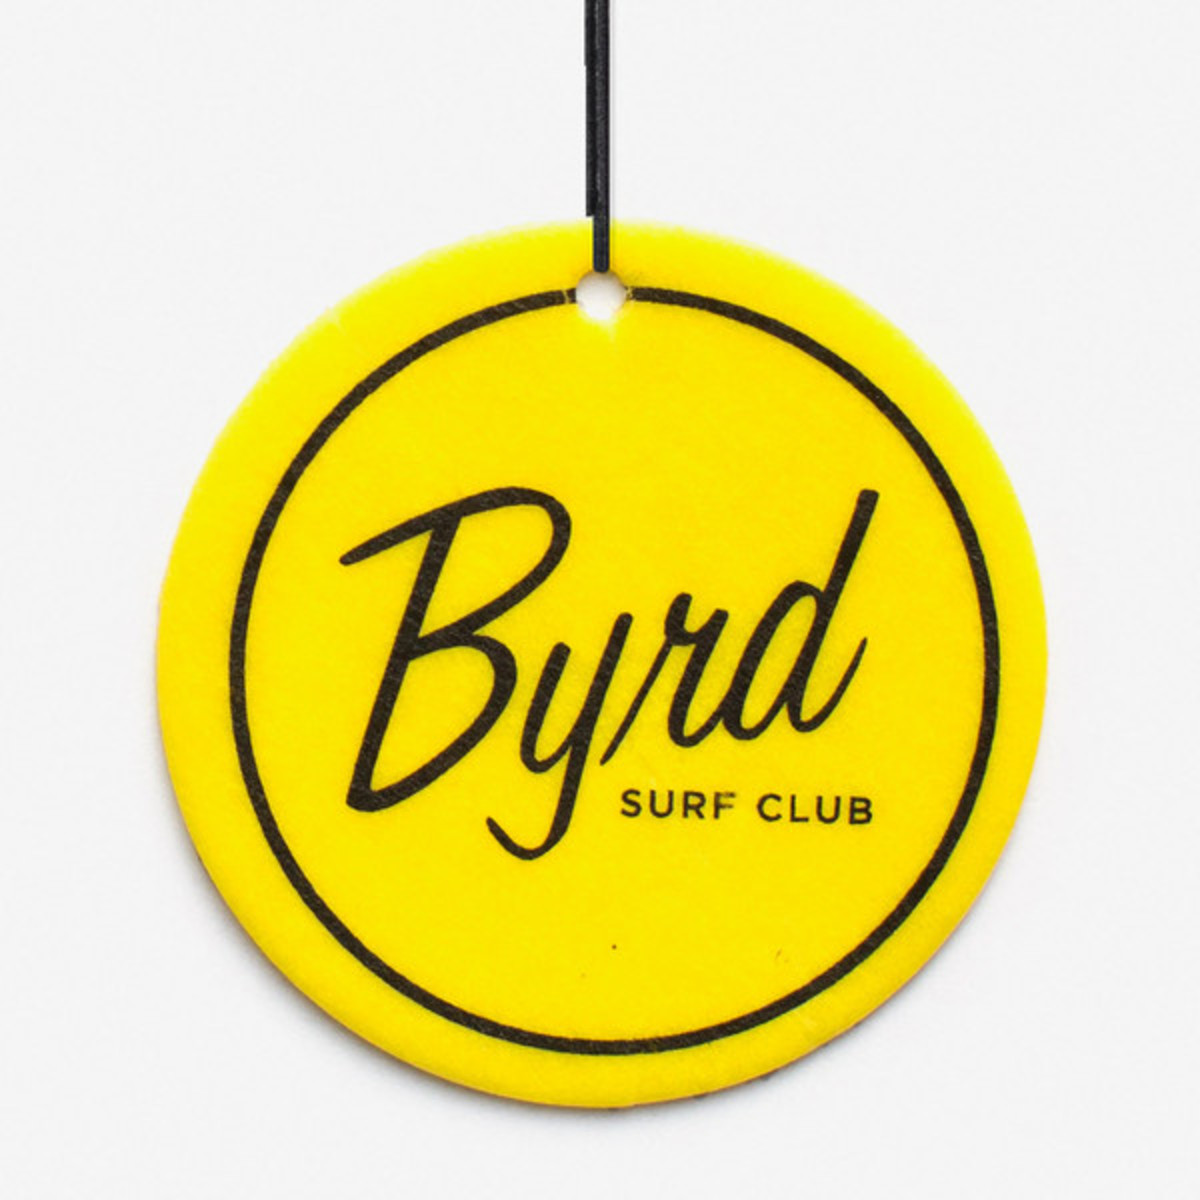 Photo: Byrd